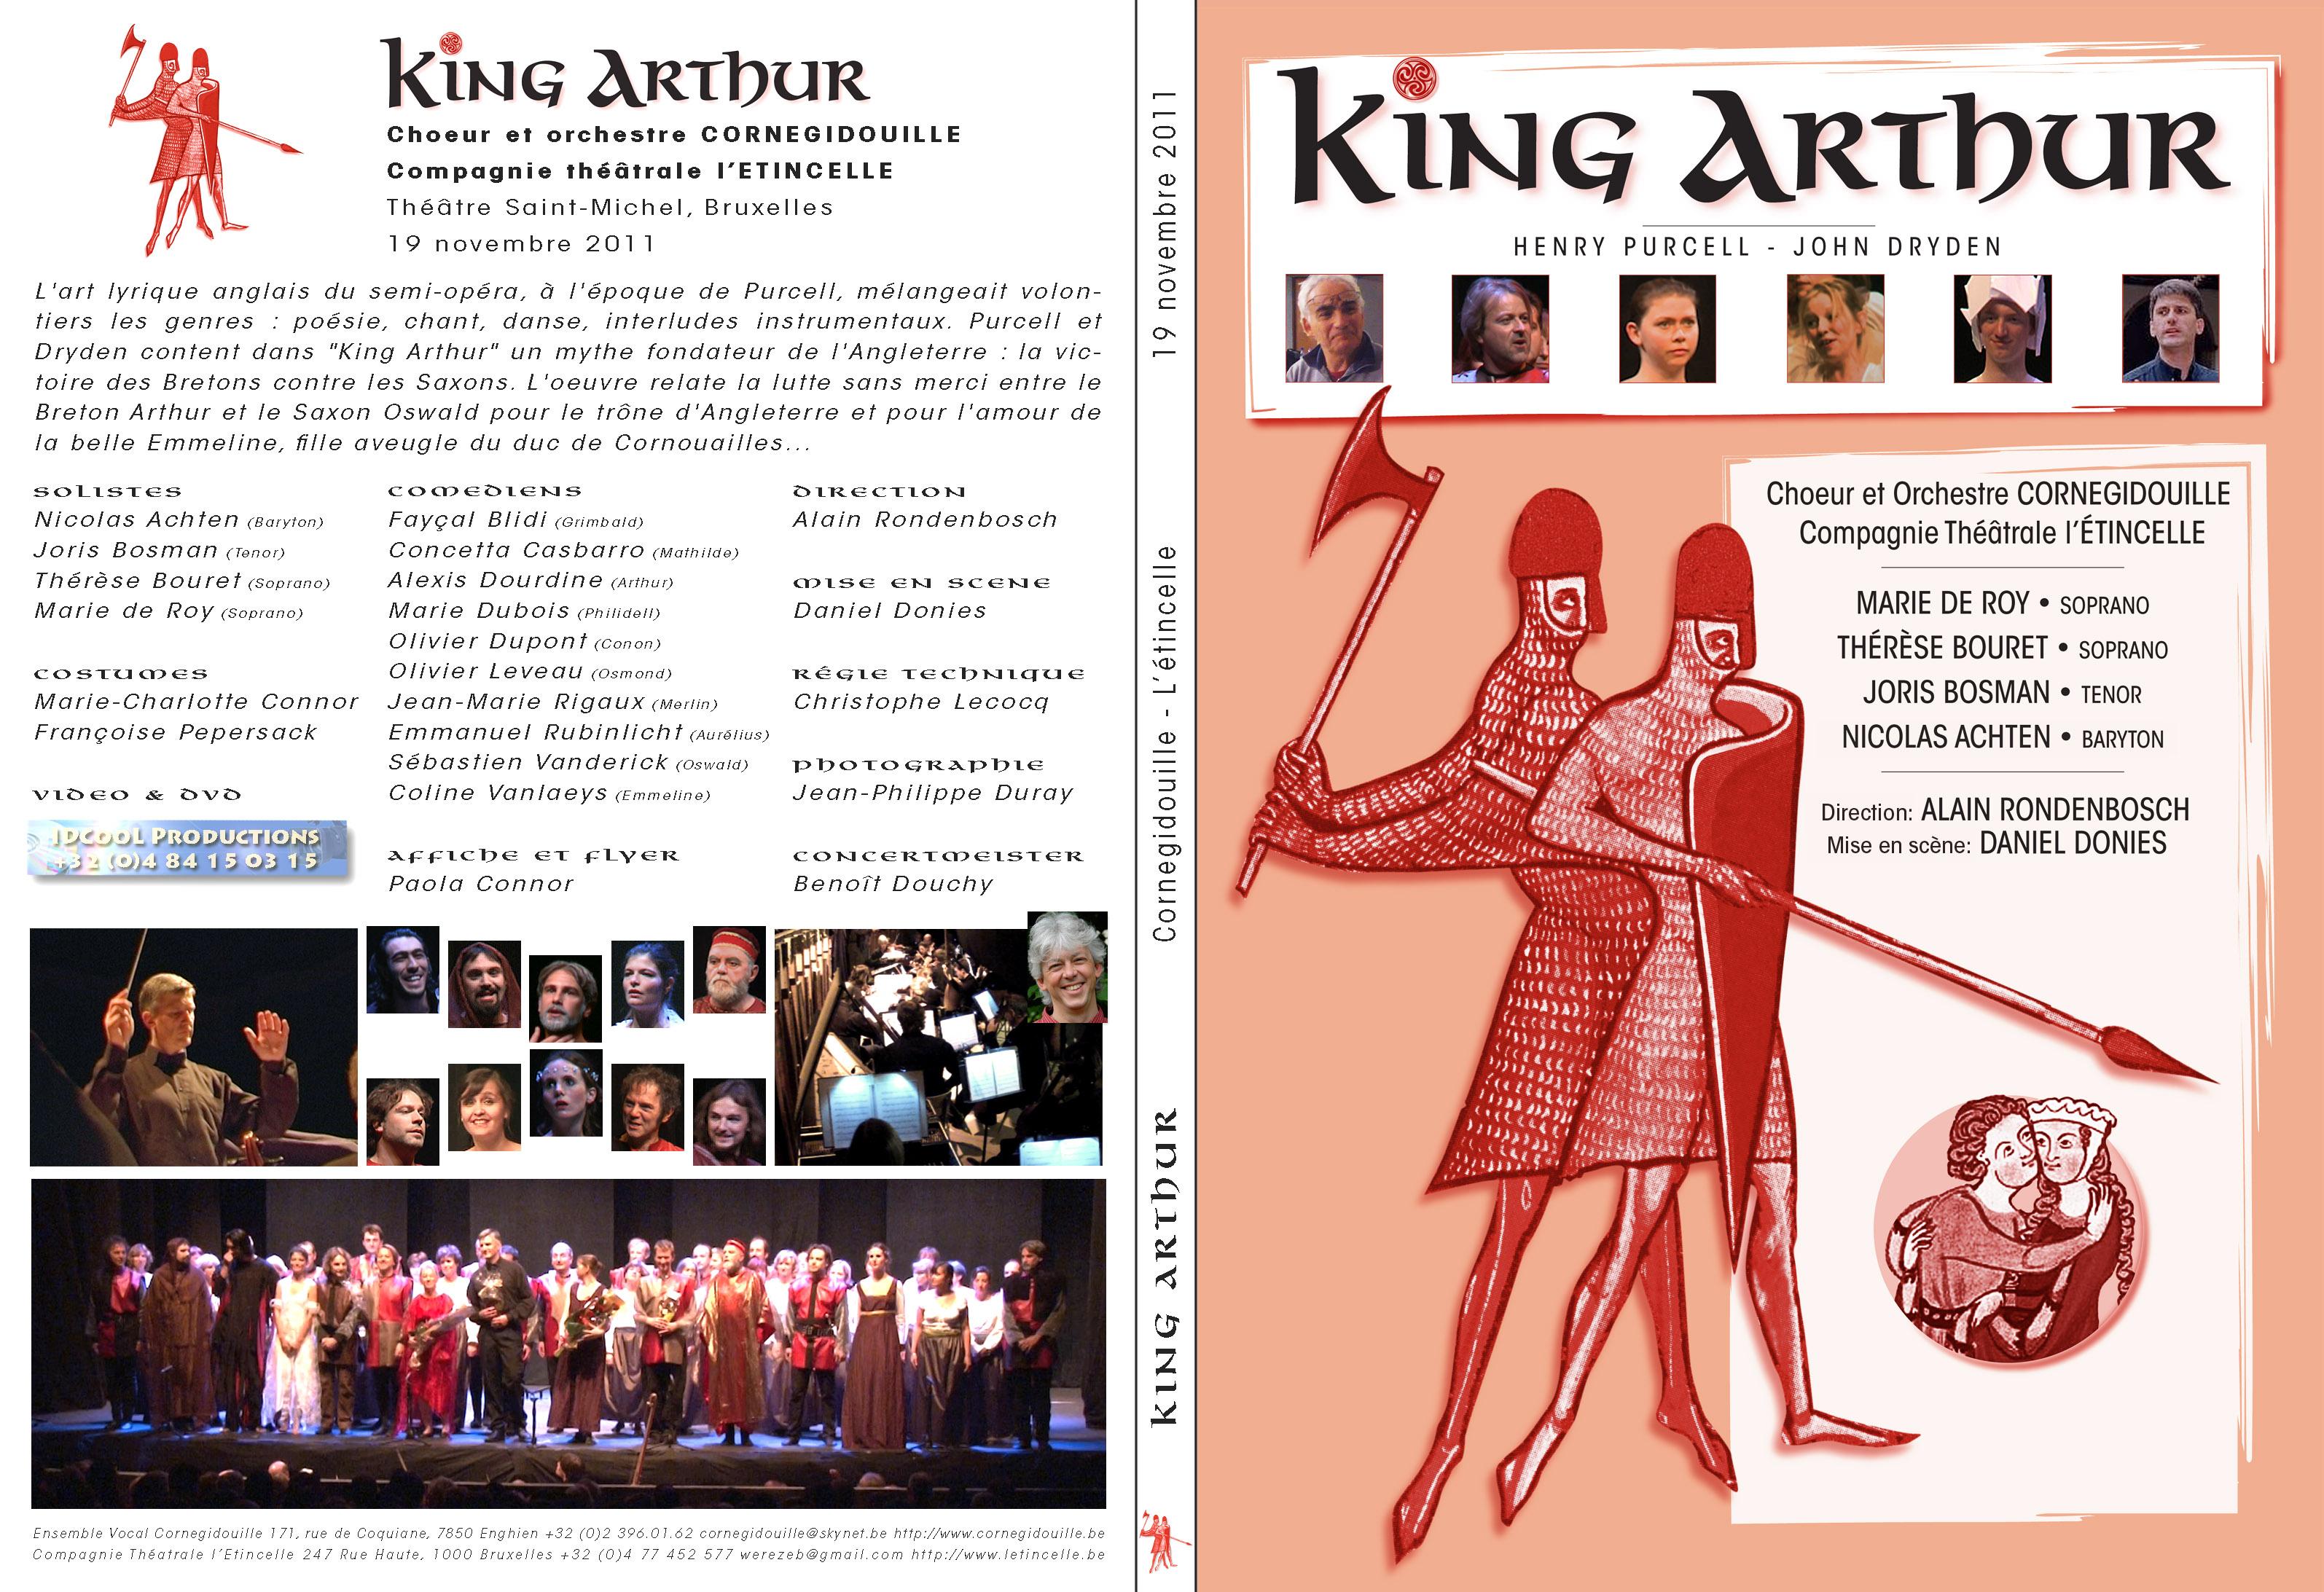 [ 2011 Novembre ] King Arthur @ Cornegidouille & L'étincelle - cove